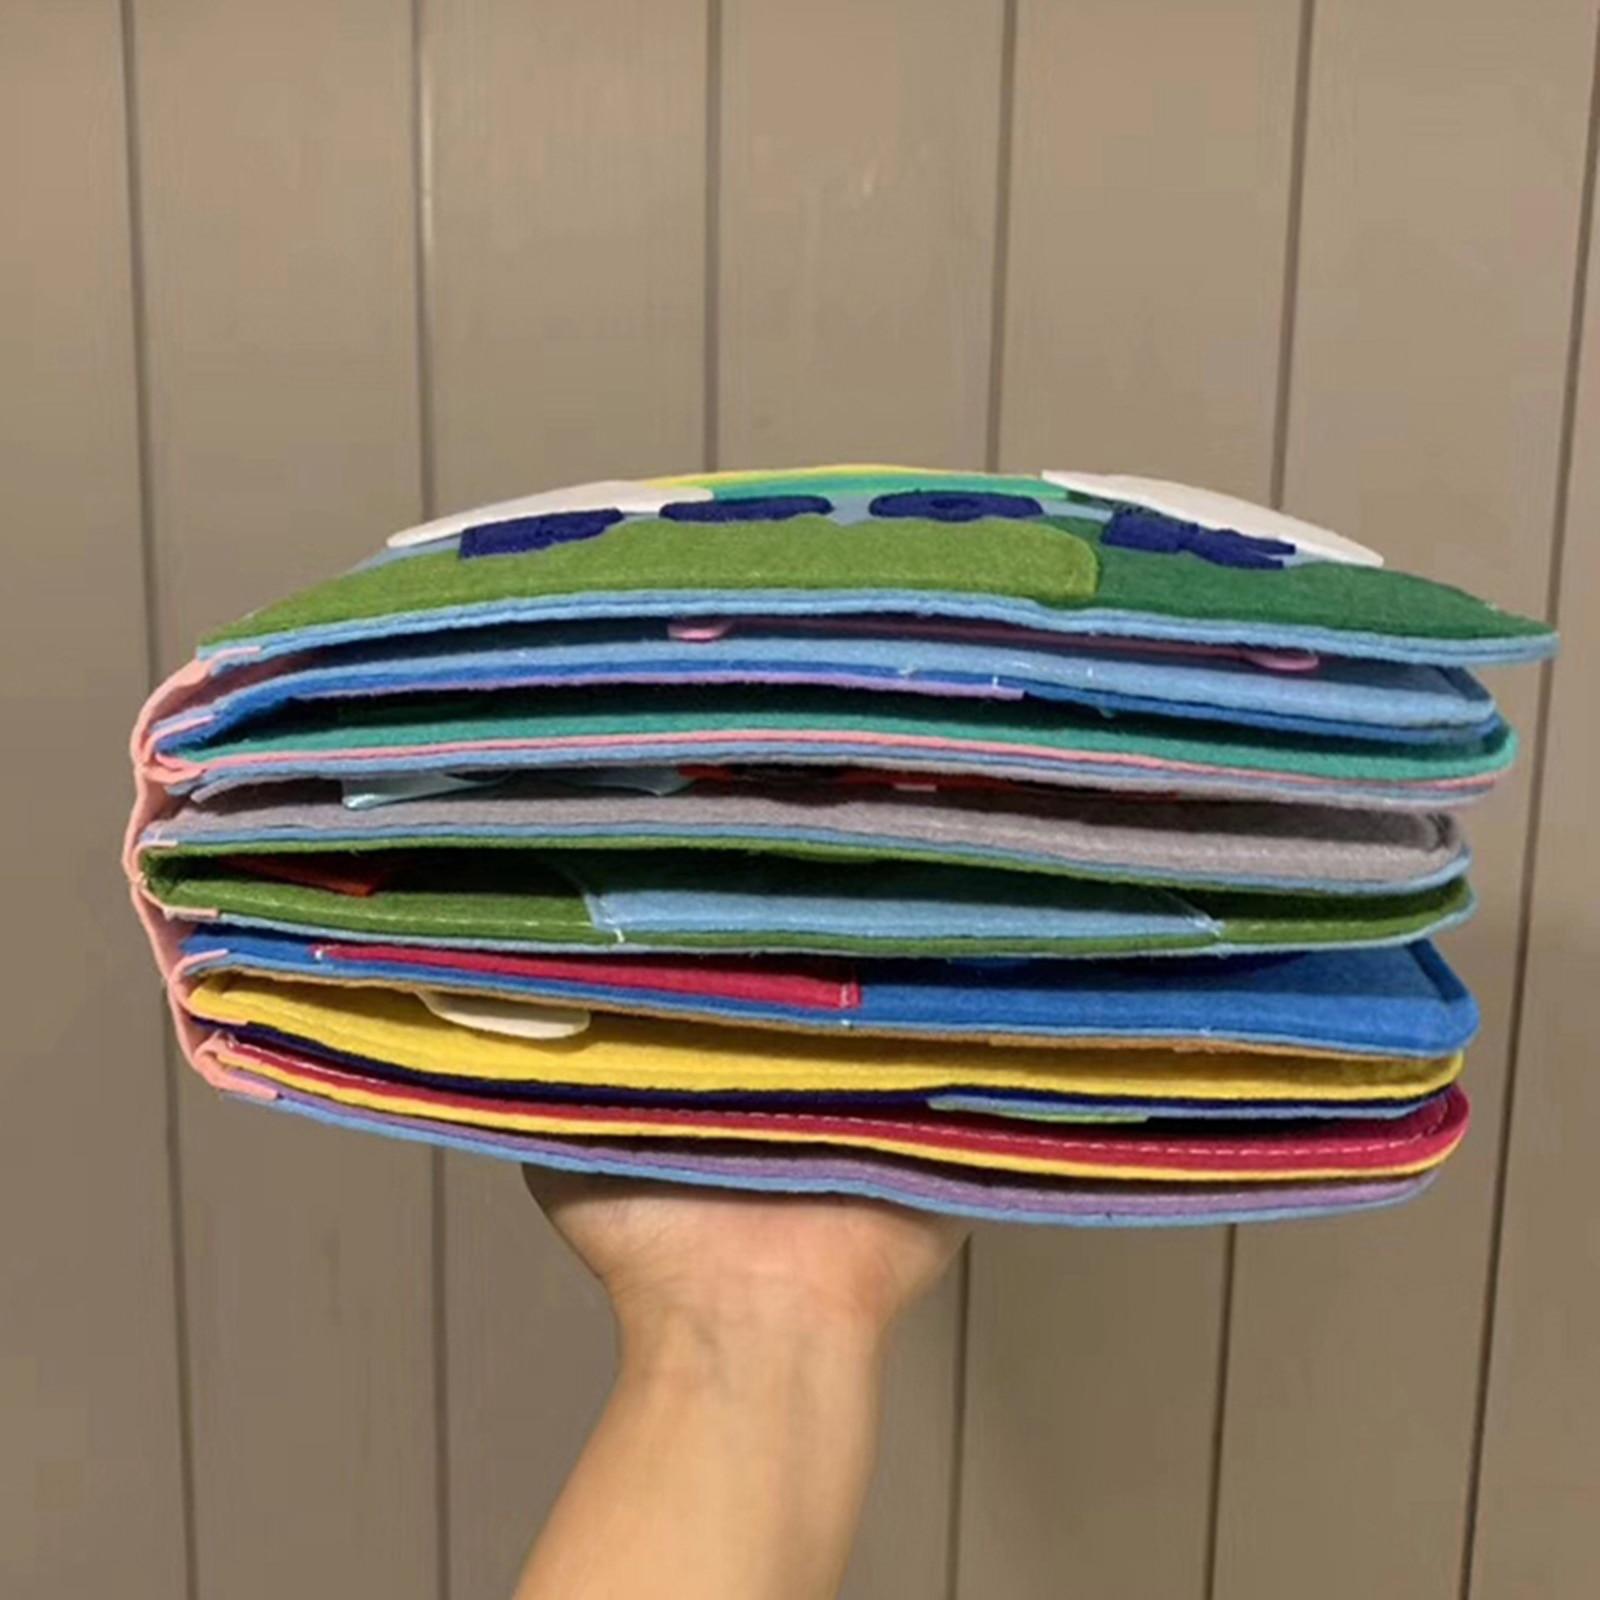 Фетровые бесшумные книги для мальчиков и девочек, ультра мягкая детская книга на ощупь, тканевые 3d-книги для малышей